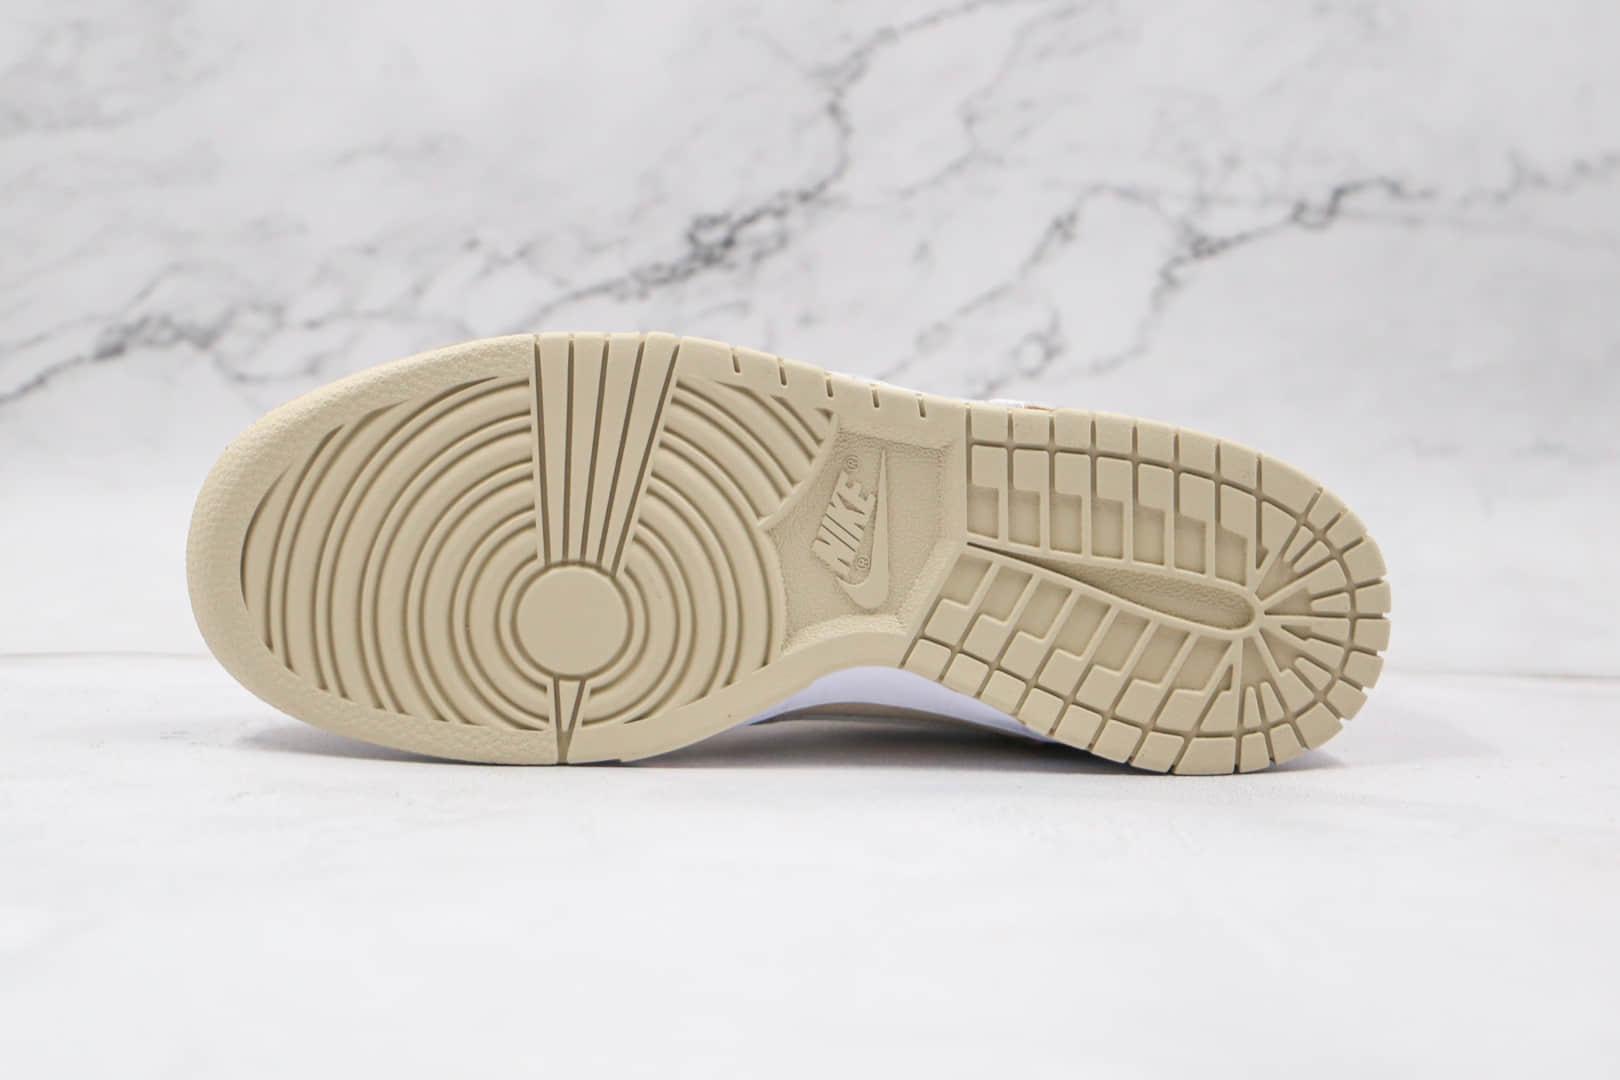 耐克NIKE DUNK SB LOW PRO SB纯原版本低帮SB DUNK麦芽酒白黄色板鞋内置Zoom气垫 货号:DH7913-002